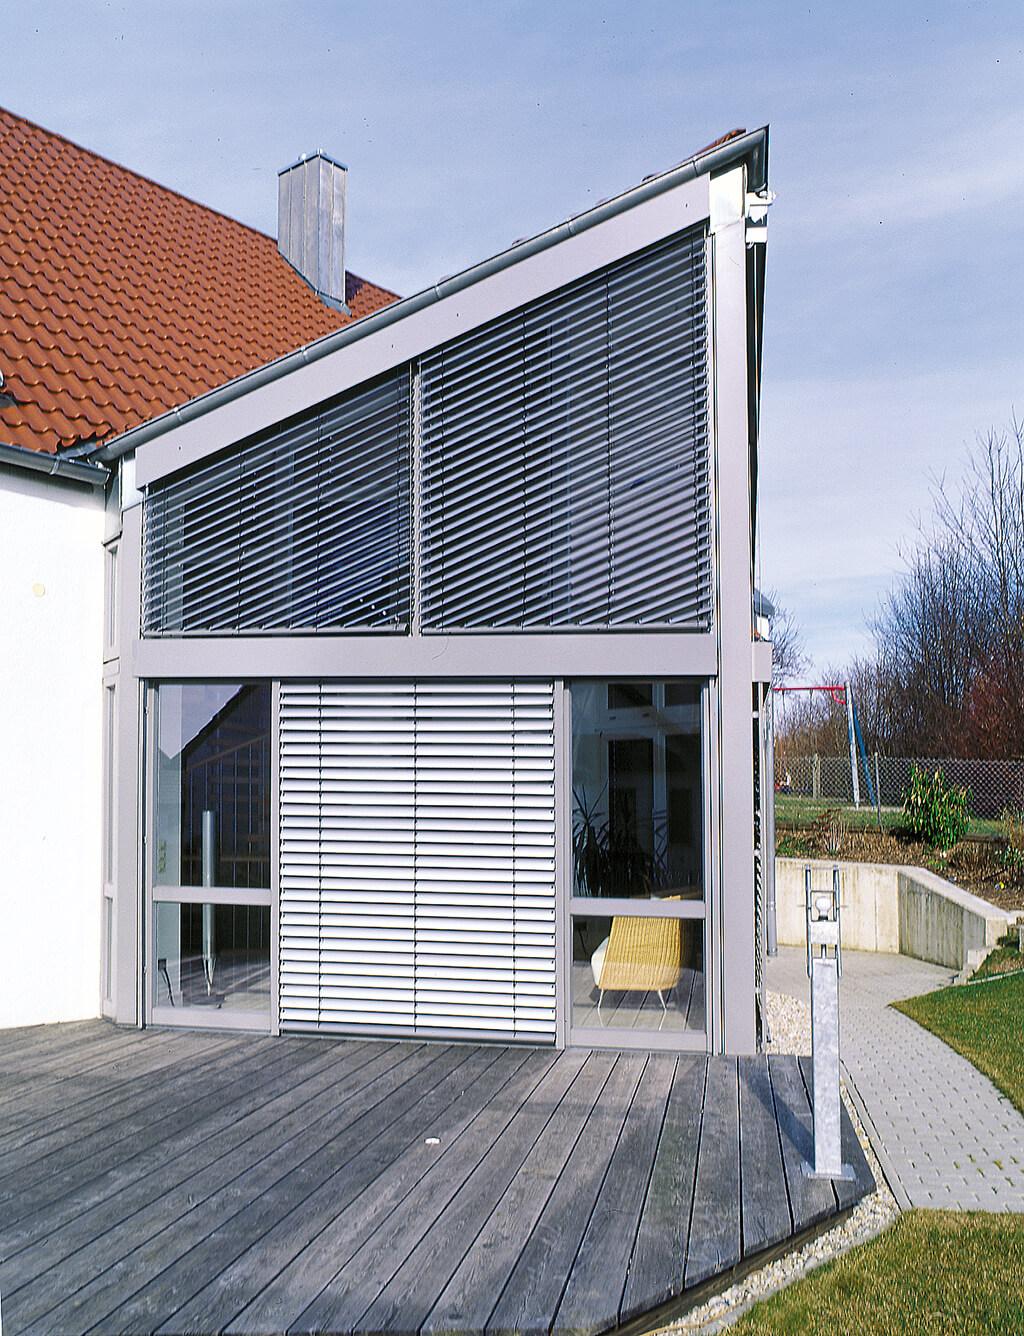 Silberne Außenjalousie aus Aluminium an großen Schrägfenstern im Wintergarten